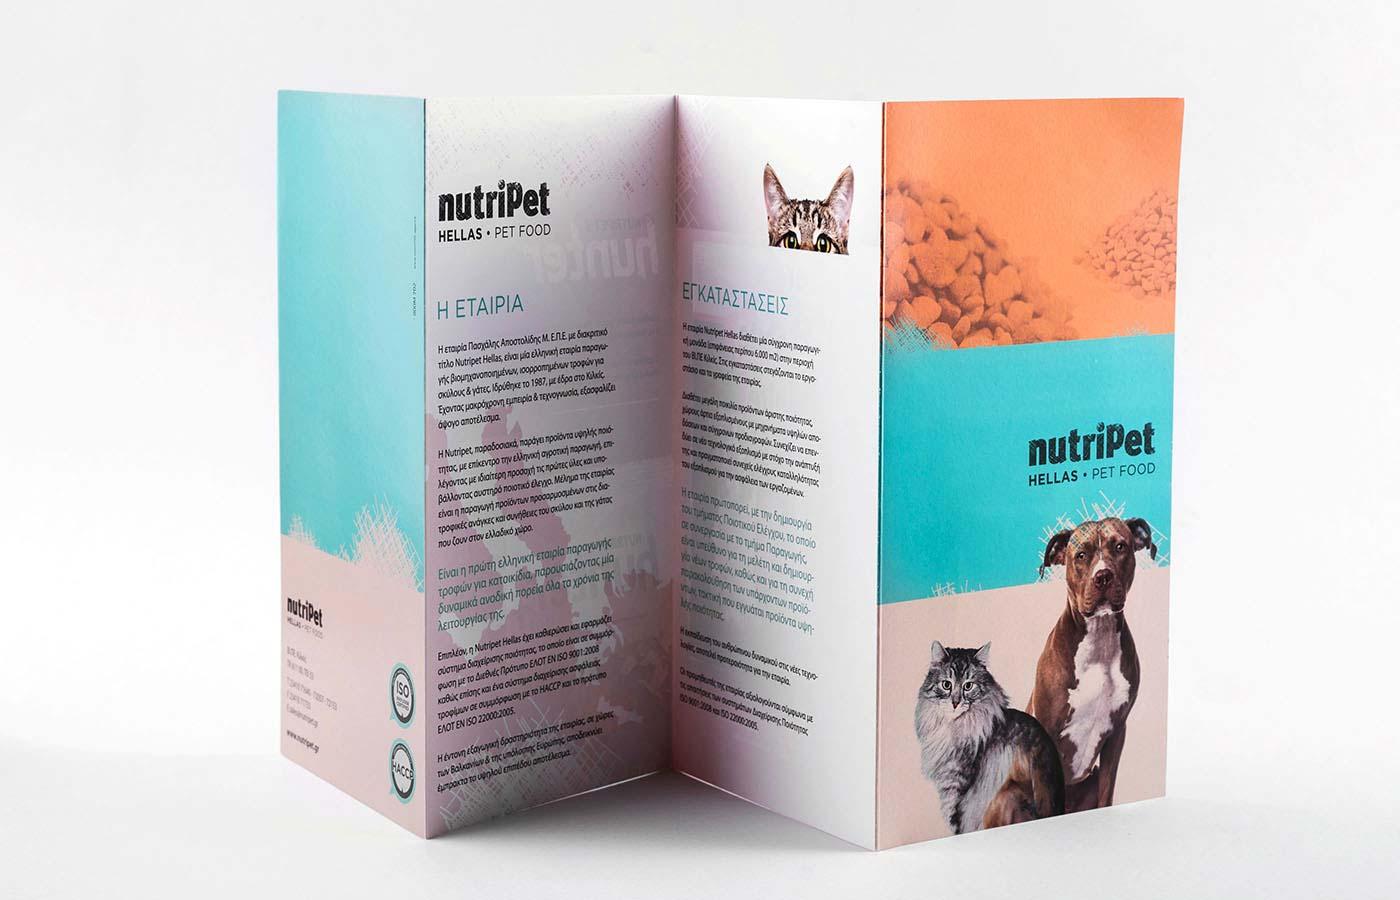 nutripet hellas pet food